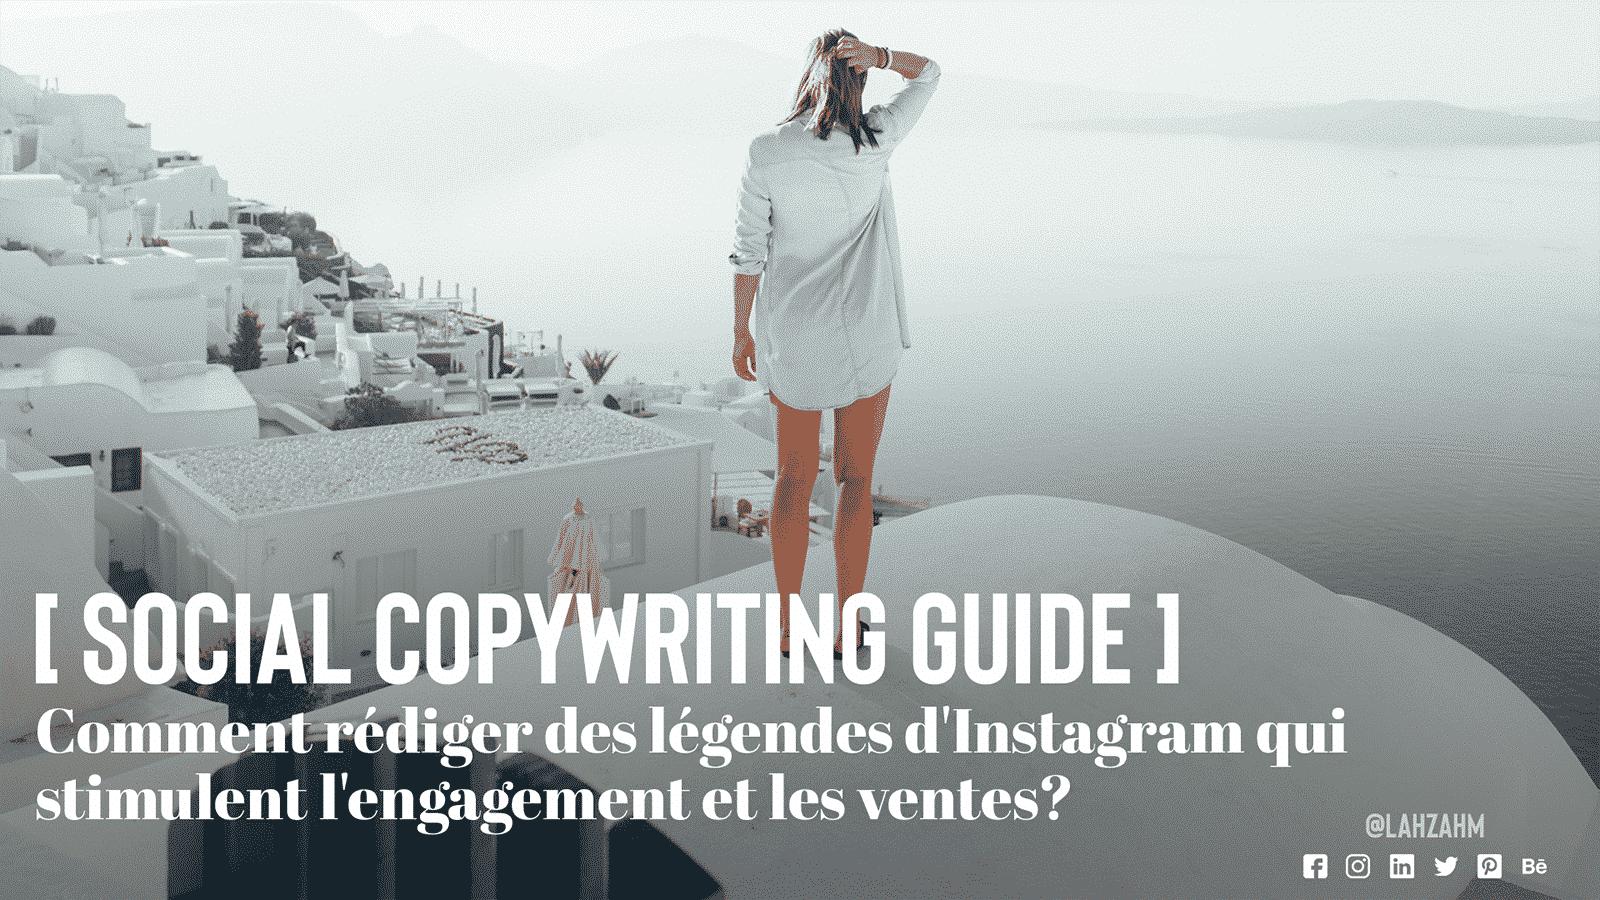 Social Copywriting Guide: Comment rédiger des légendes d'Instagram qui stimulent l'engagement et les ventes?